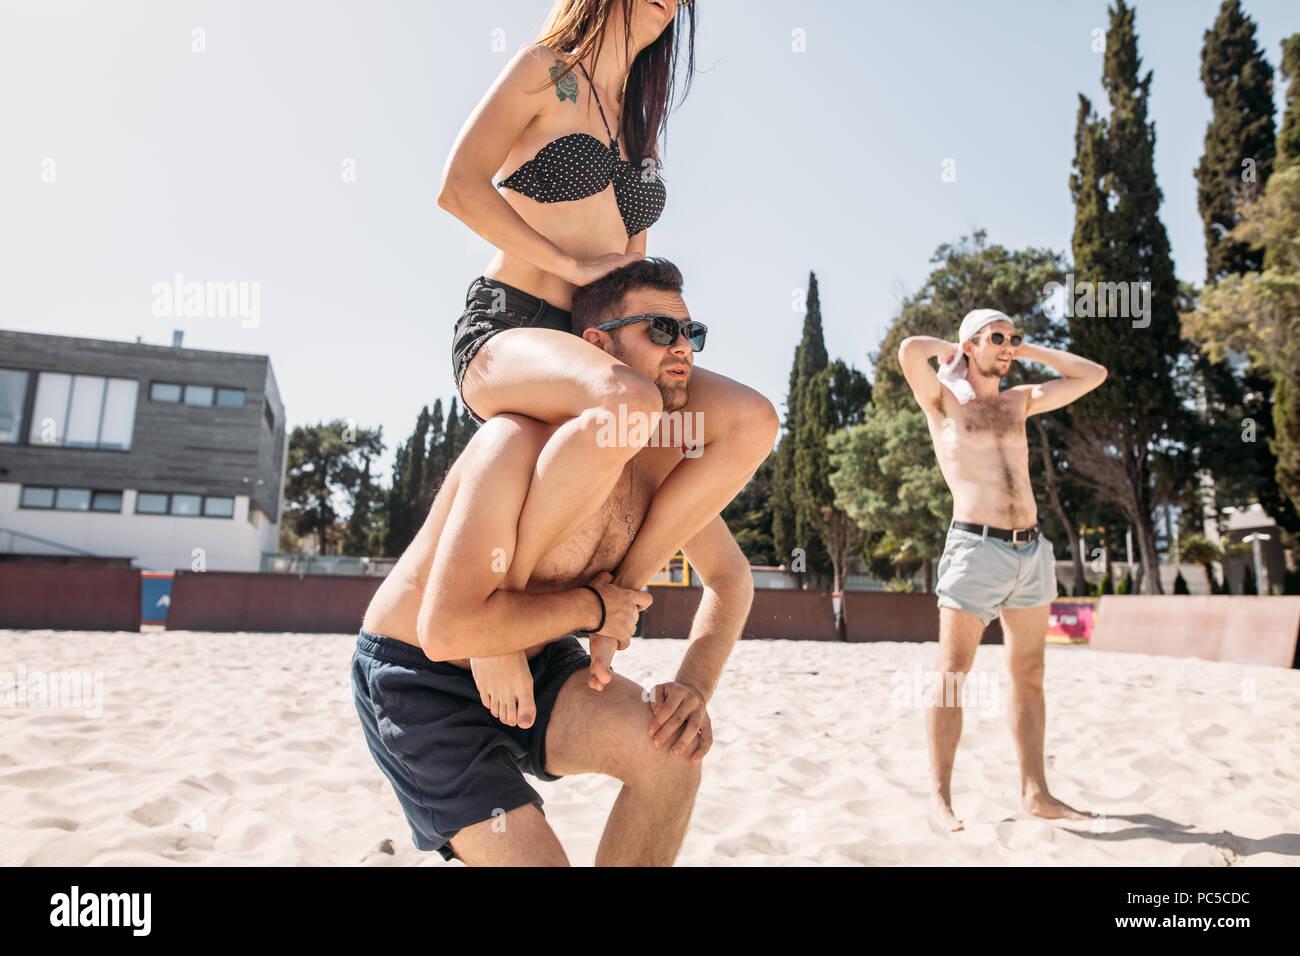 Romántica pareja joven disfrutando de sus vacaciones de verano. Apuesto joven dando piggyback paseo a la novia en la playa. Foto de stock